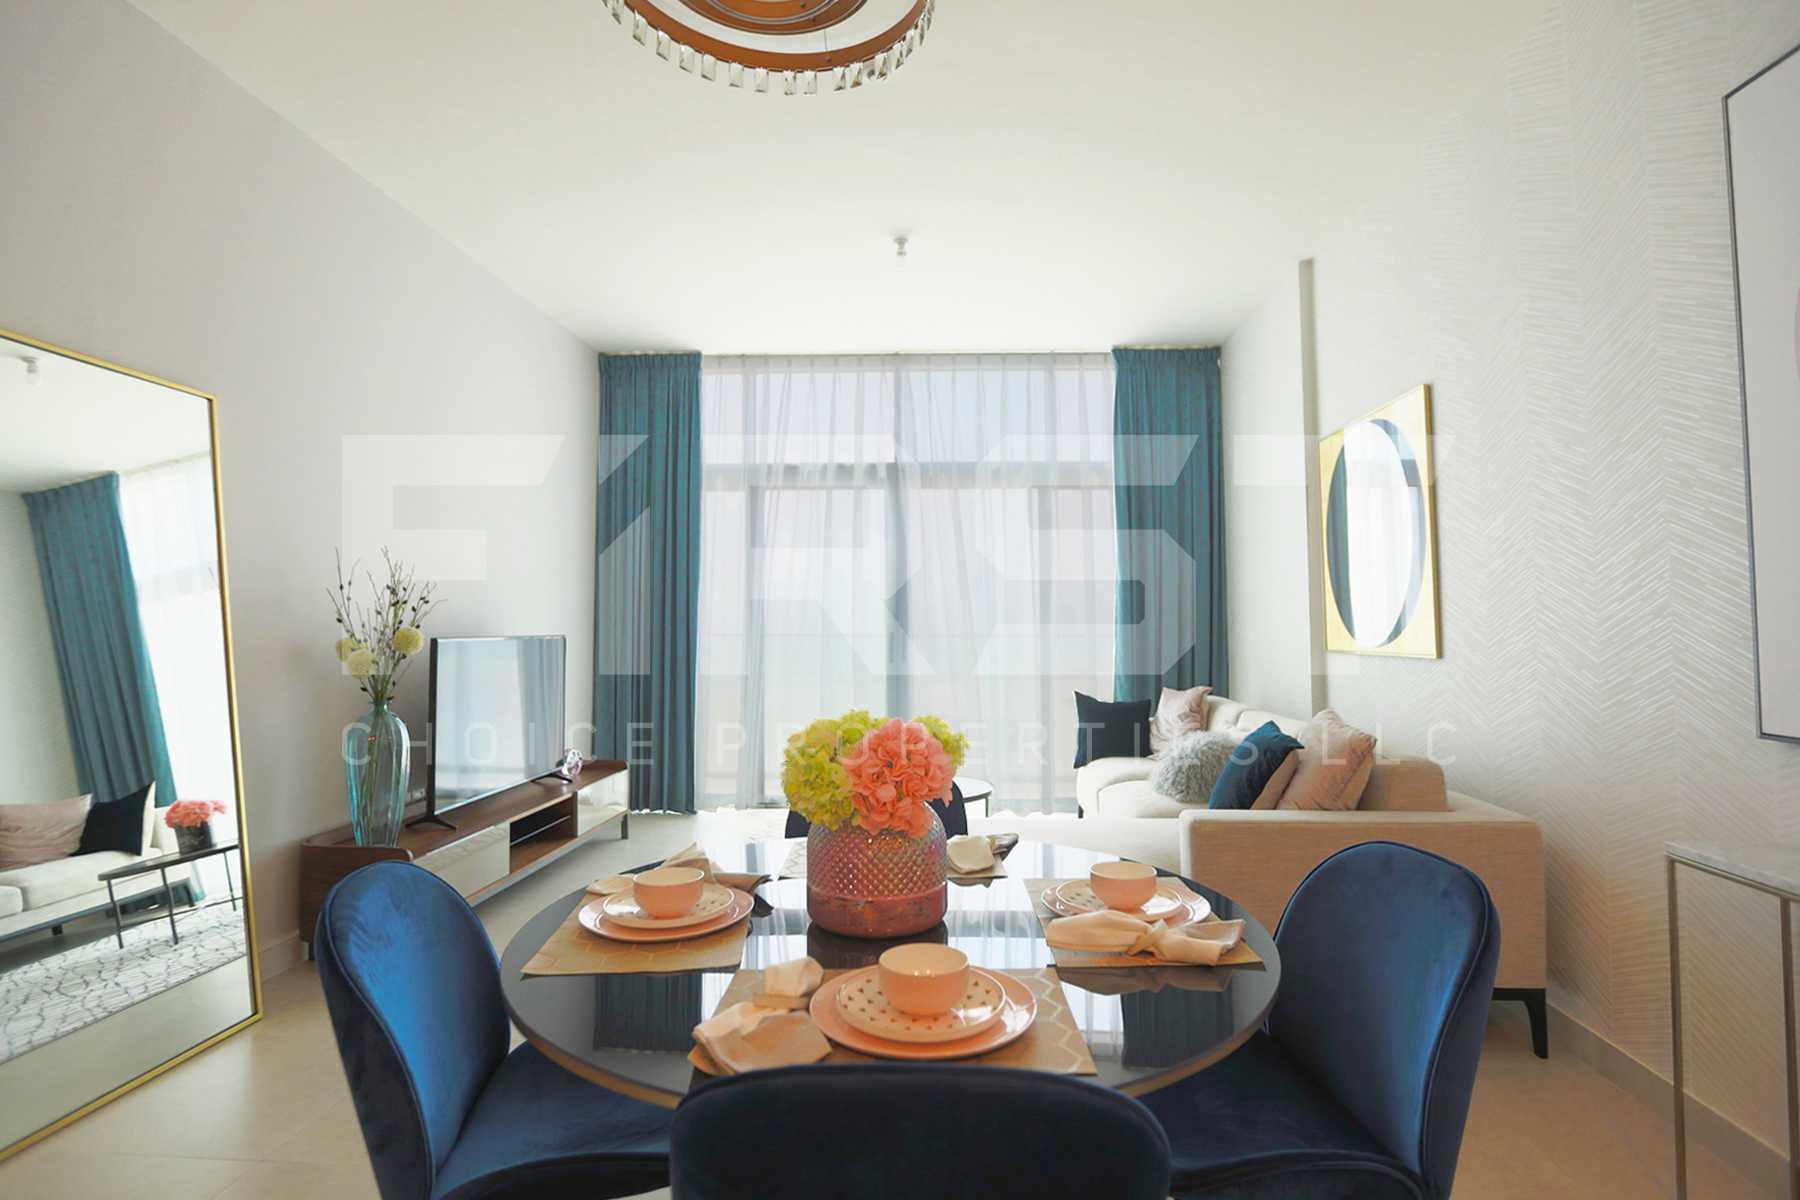 Internal of 1 Bedroom Apartment in Park view Saadiyat Ilsand Abu Dhabi UAE (19).jpg